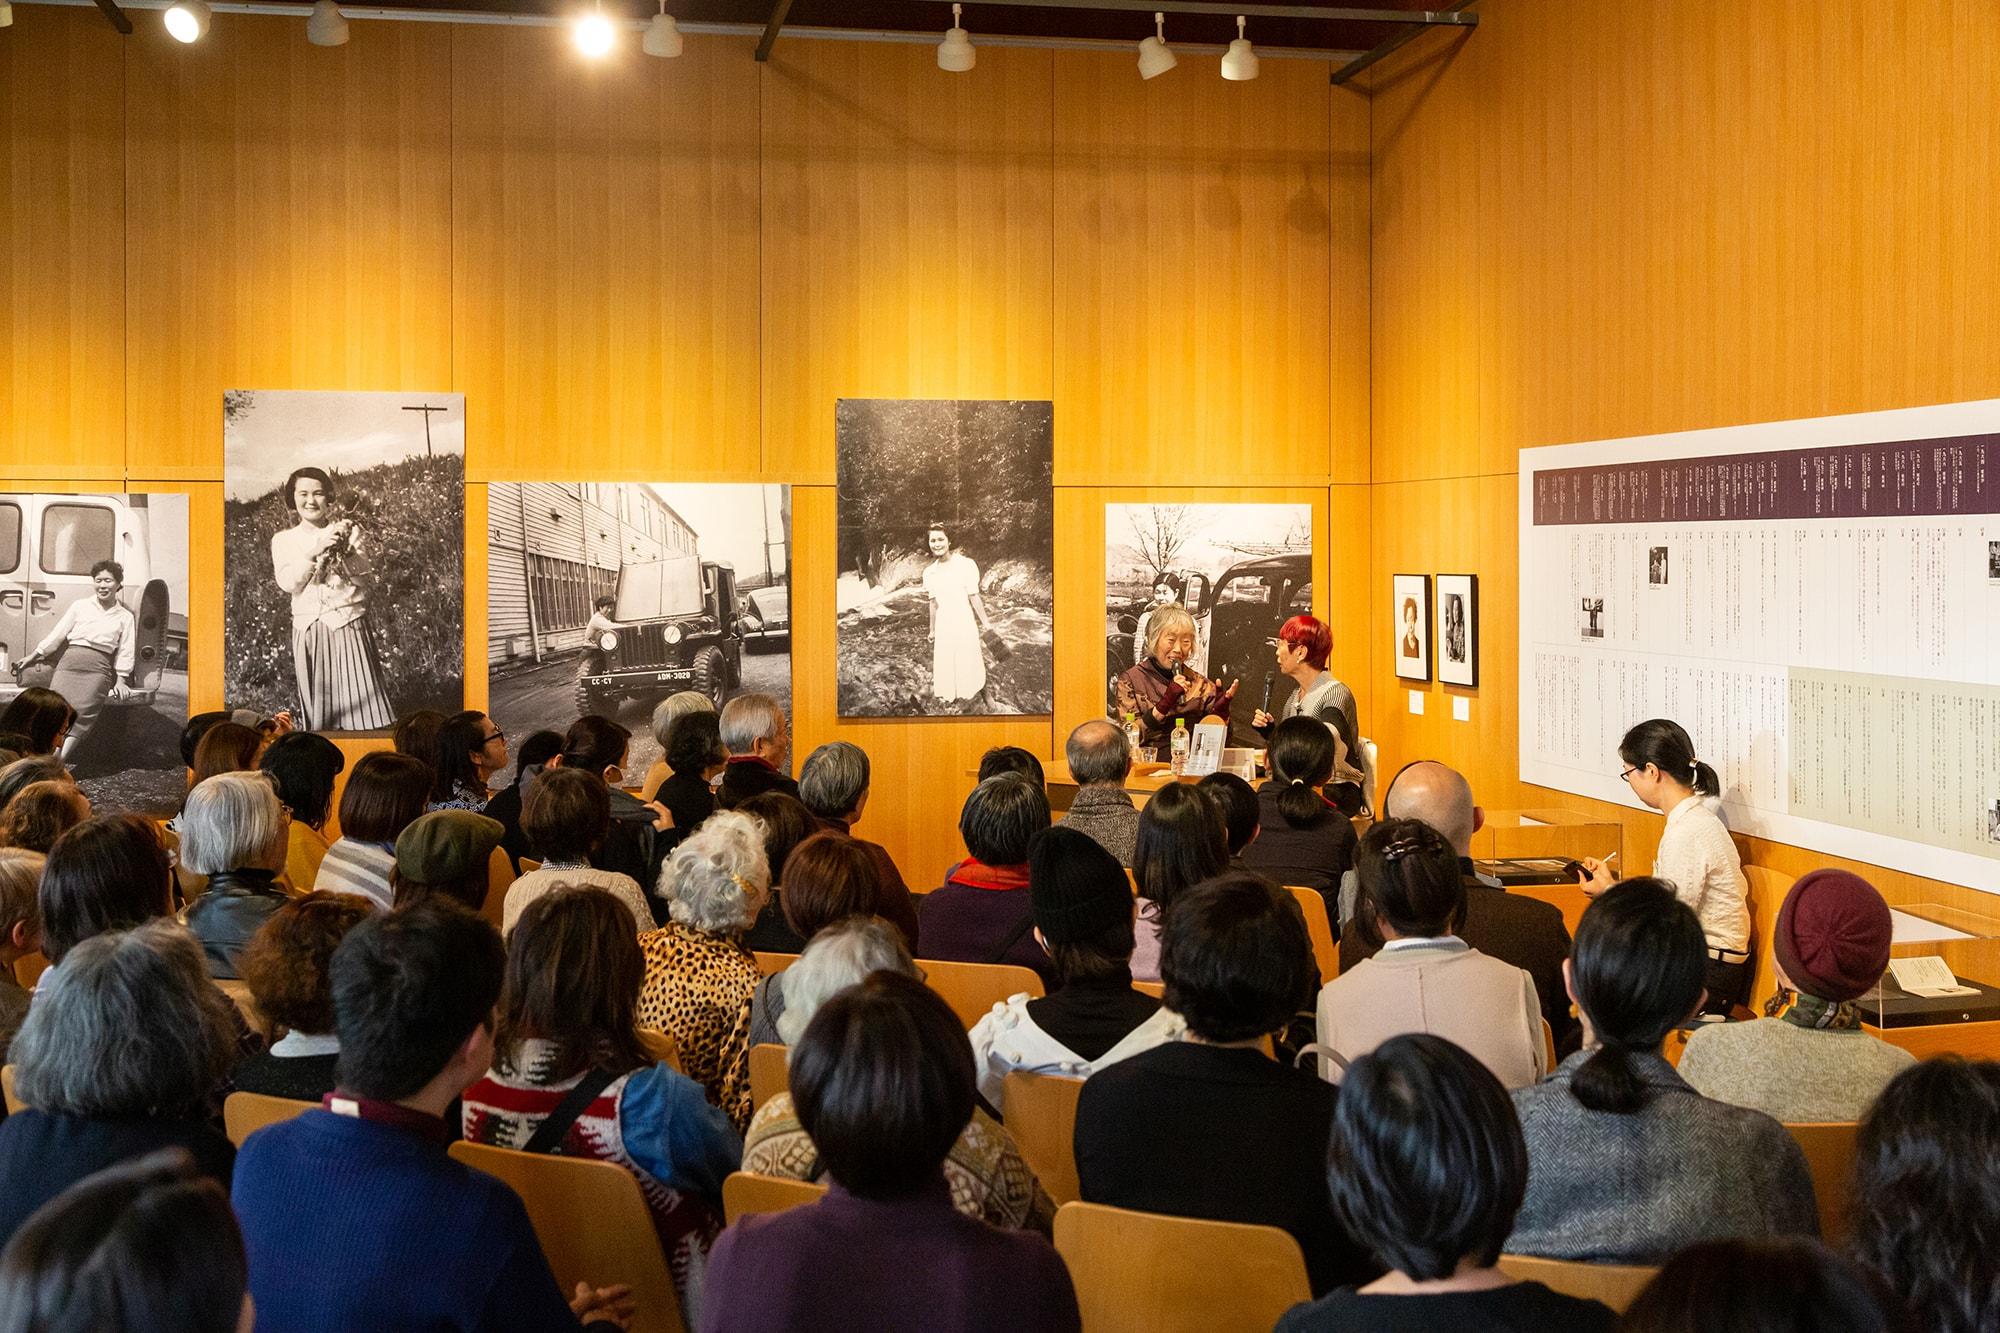 石内都×上野千鶴子対談レポート「ふたりの女の人生を未来へつなぐ」 | ふたりの女の人生を未来へつなぐ